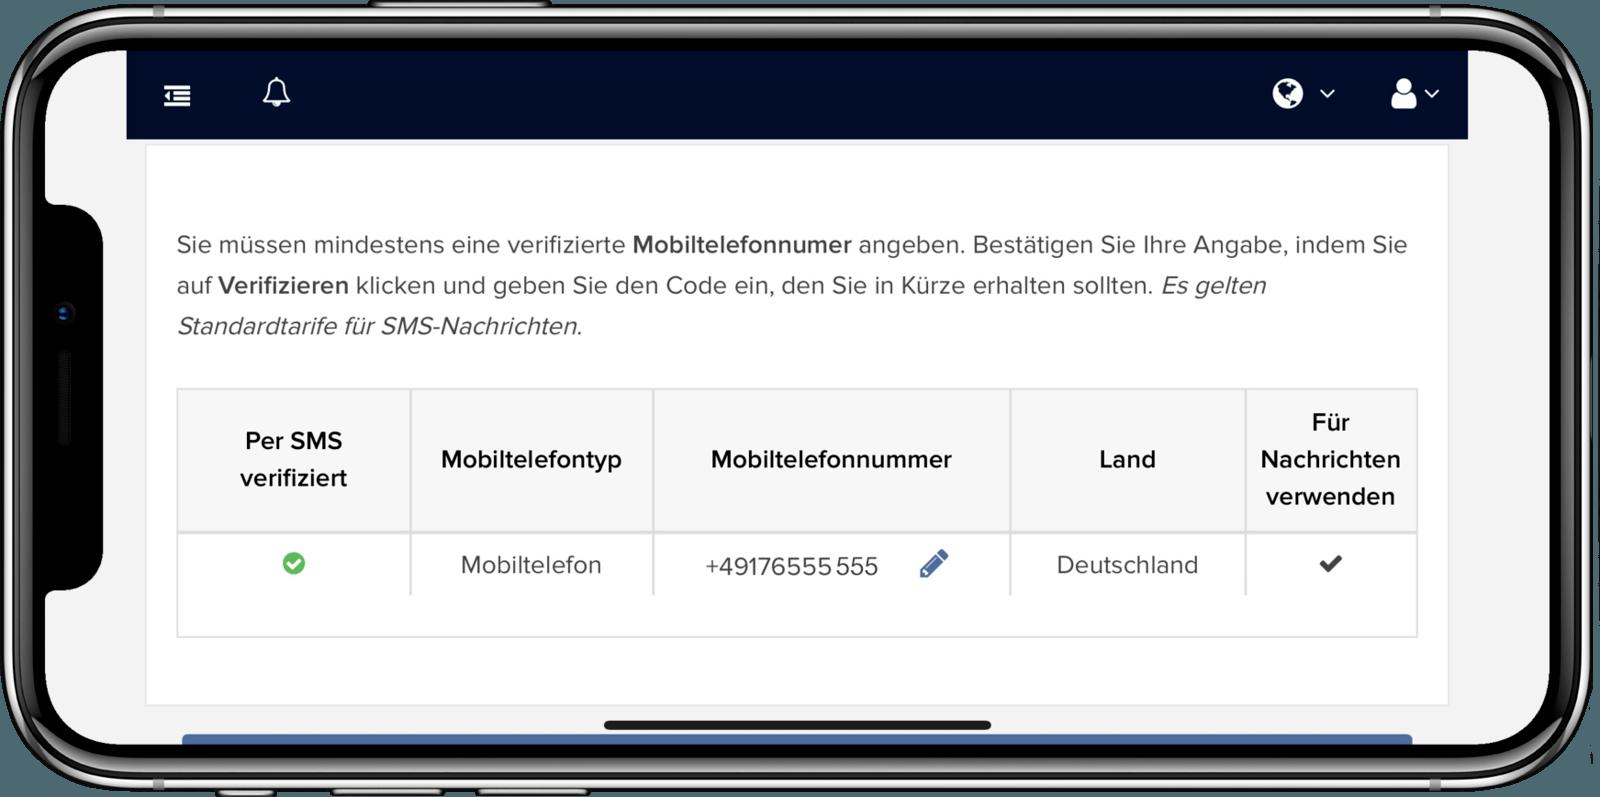 iphone-x-sms-verifizierung2